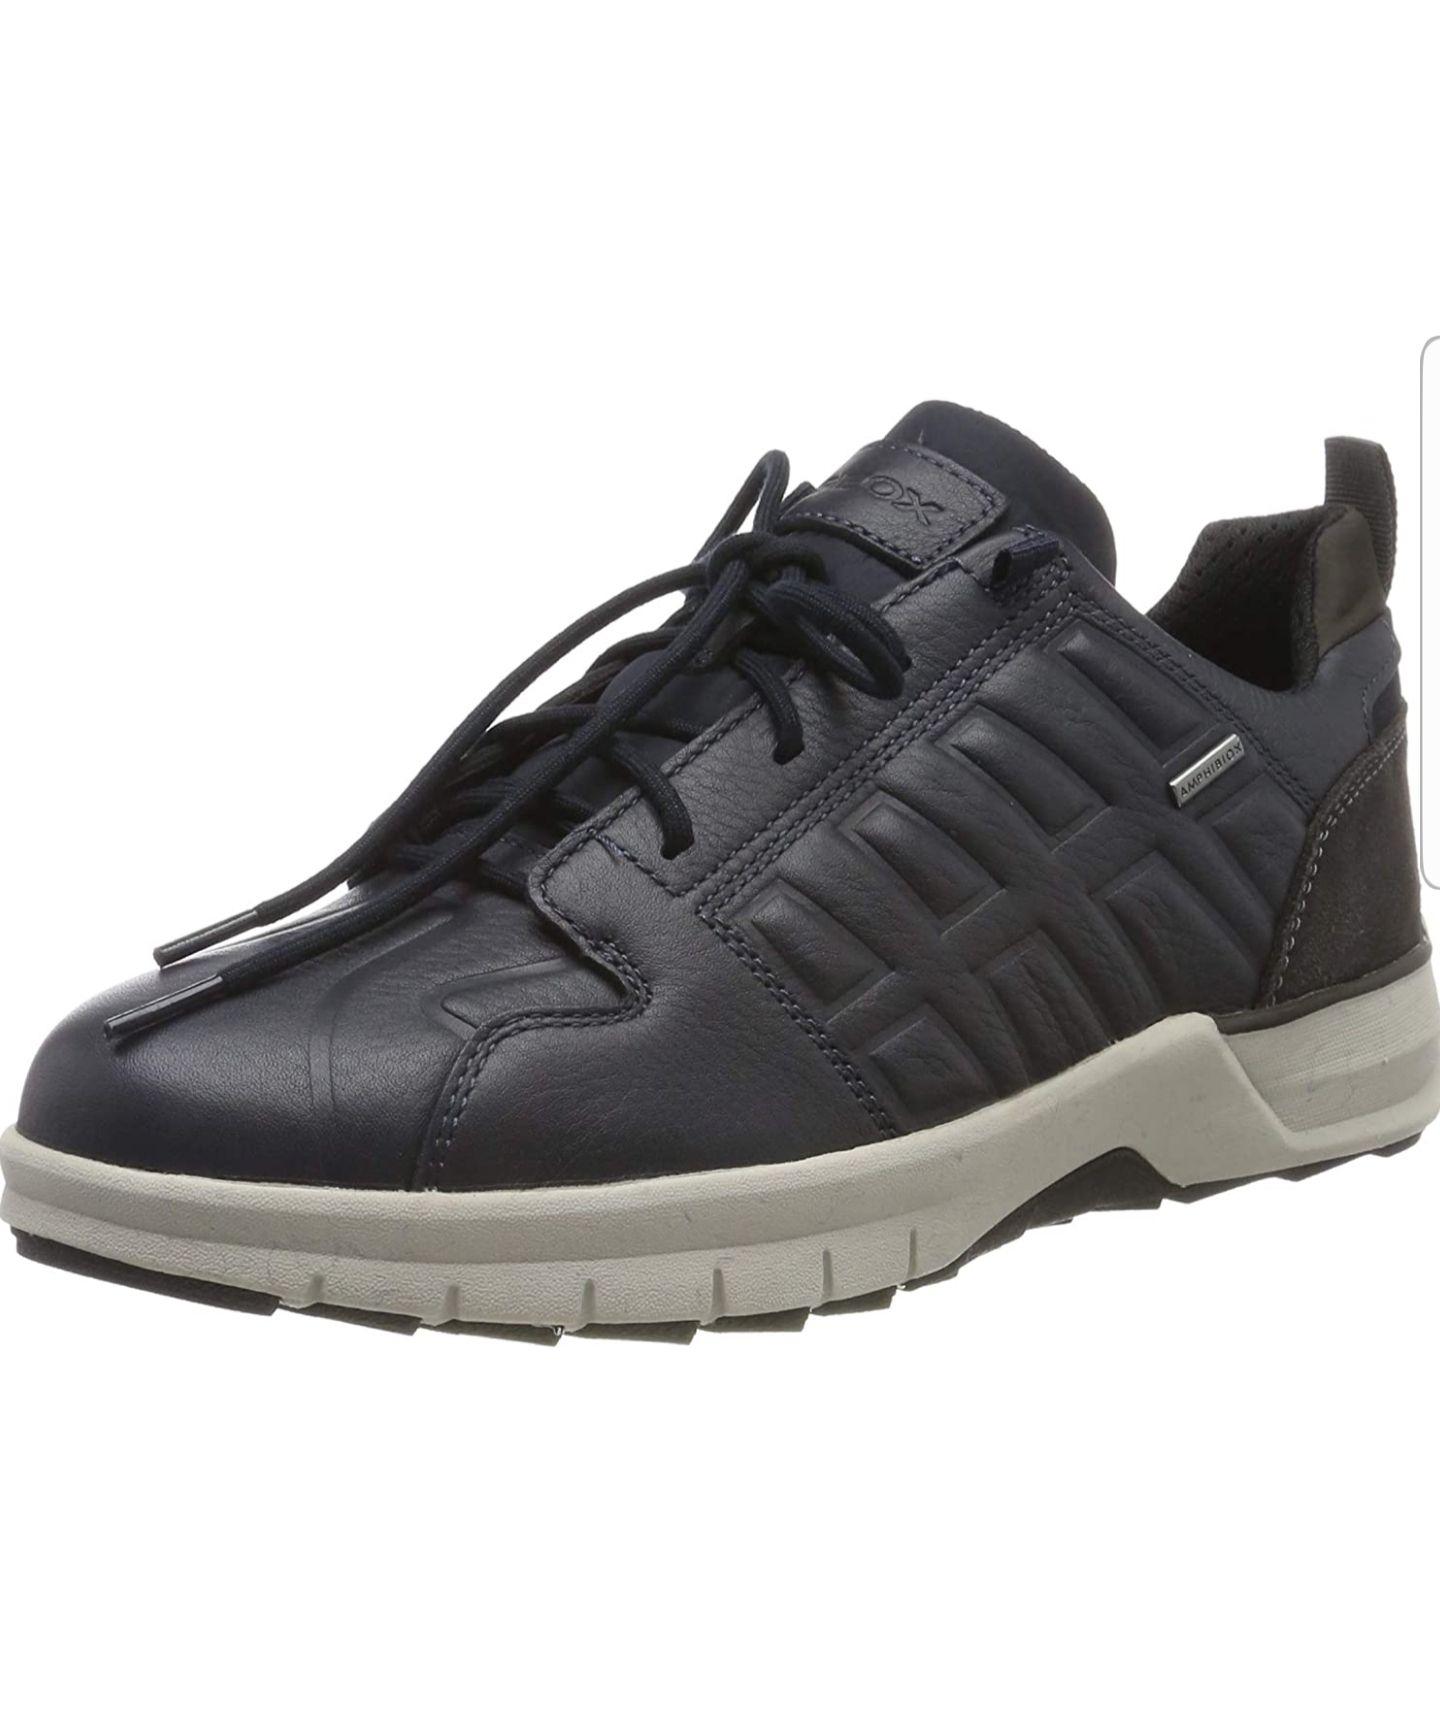 Zapatillas Geox - Talla 42,45 y 46 (desde 31,34€)